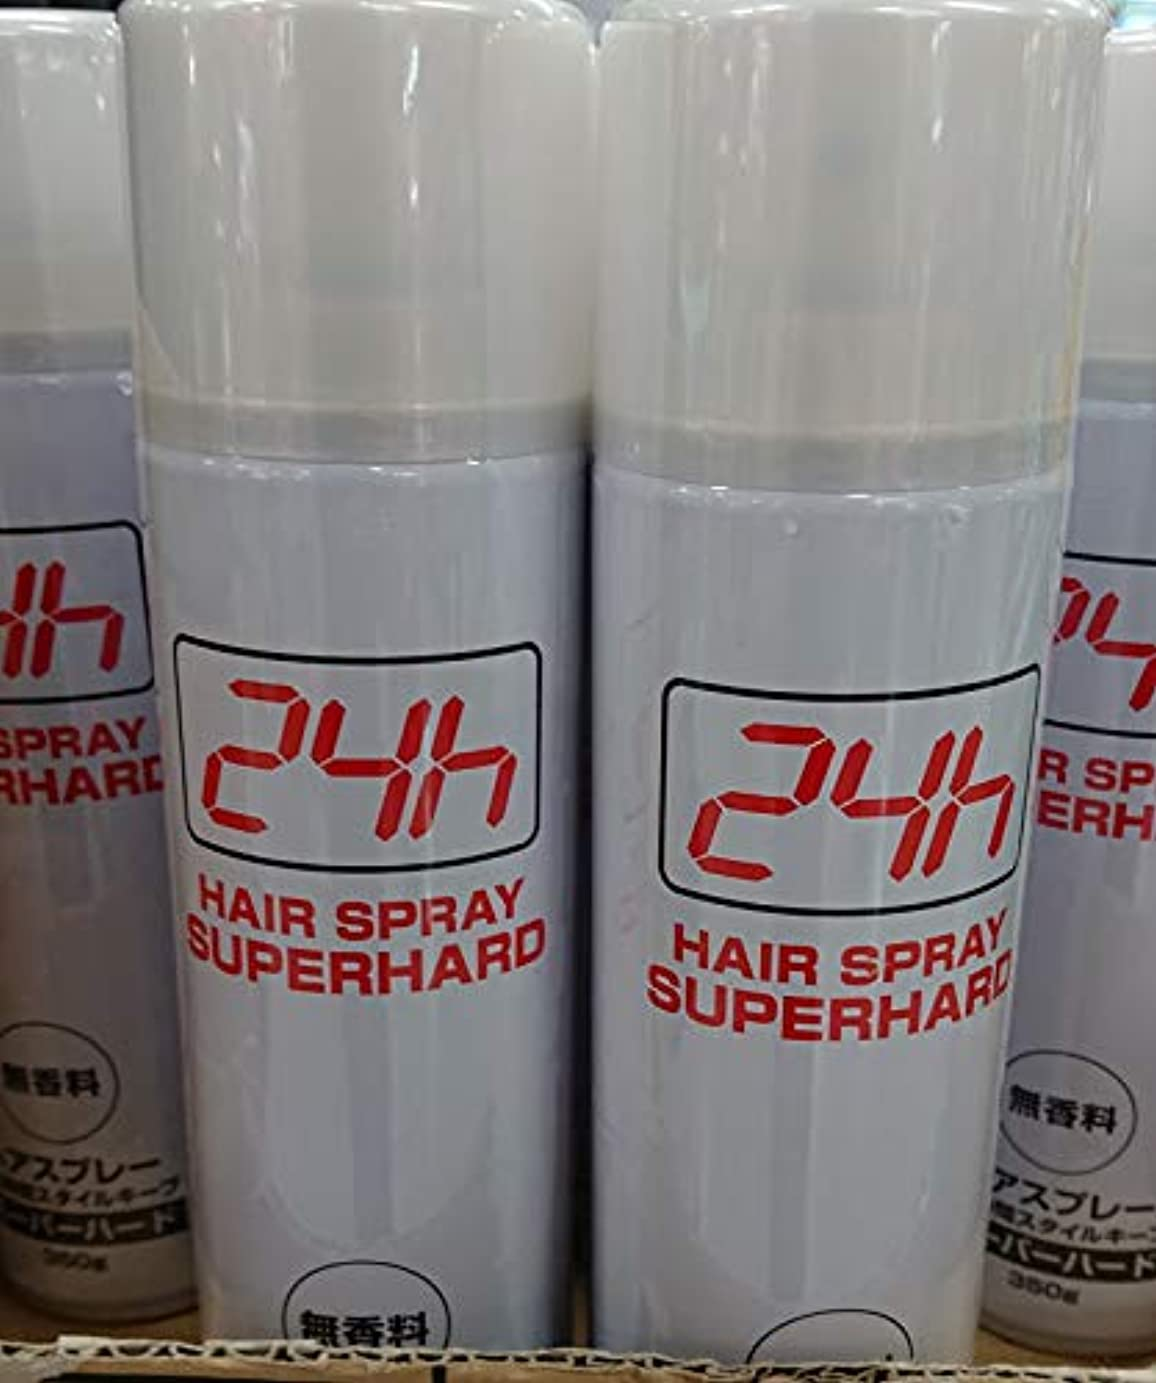 領収書インドケイ素KEEP24 ヘアスプレー スーパーハード 無香料 大容量350g 1本